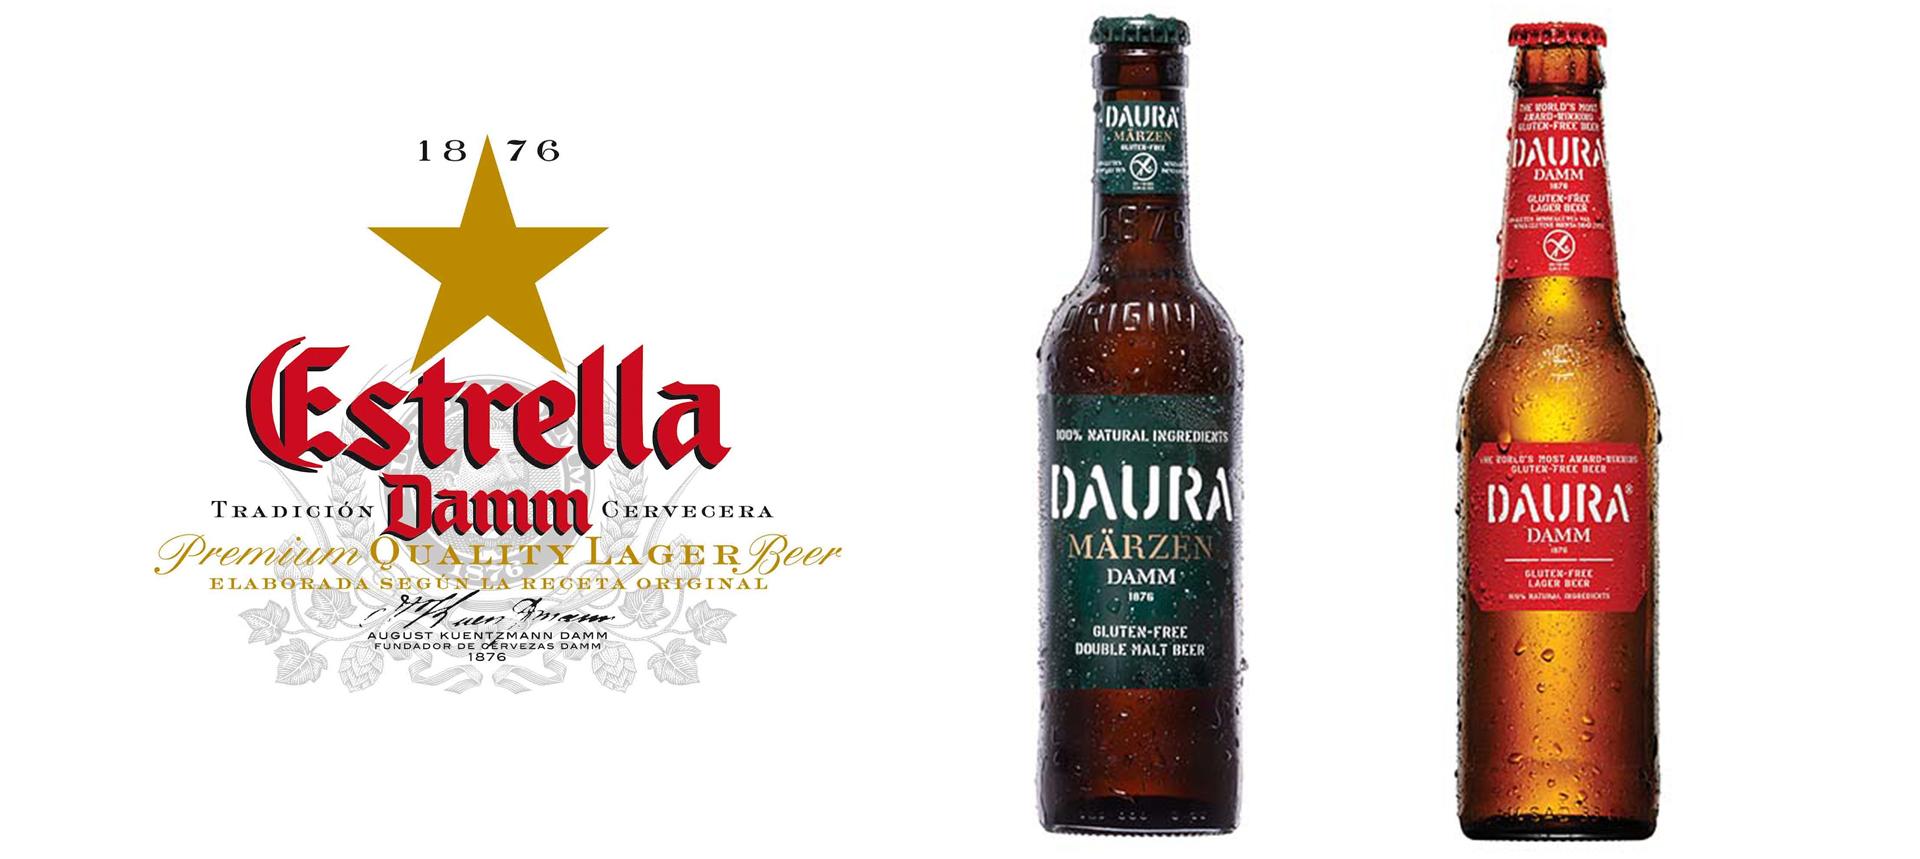 pils-bier-nectar-utrecht-daura-damm-spanje-glutenvrij-assortiment